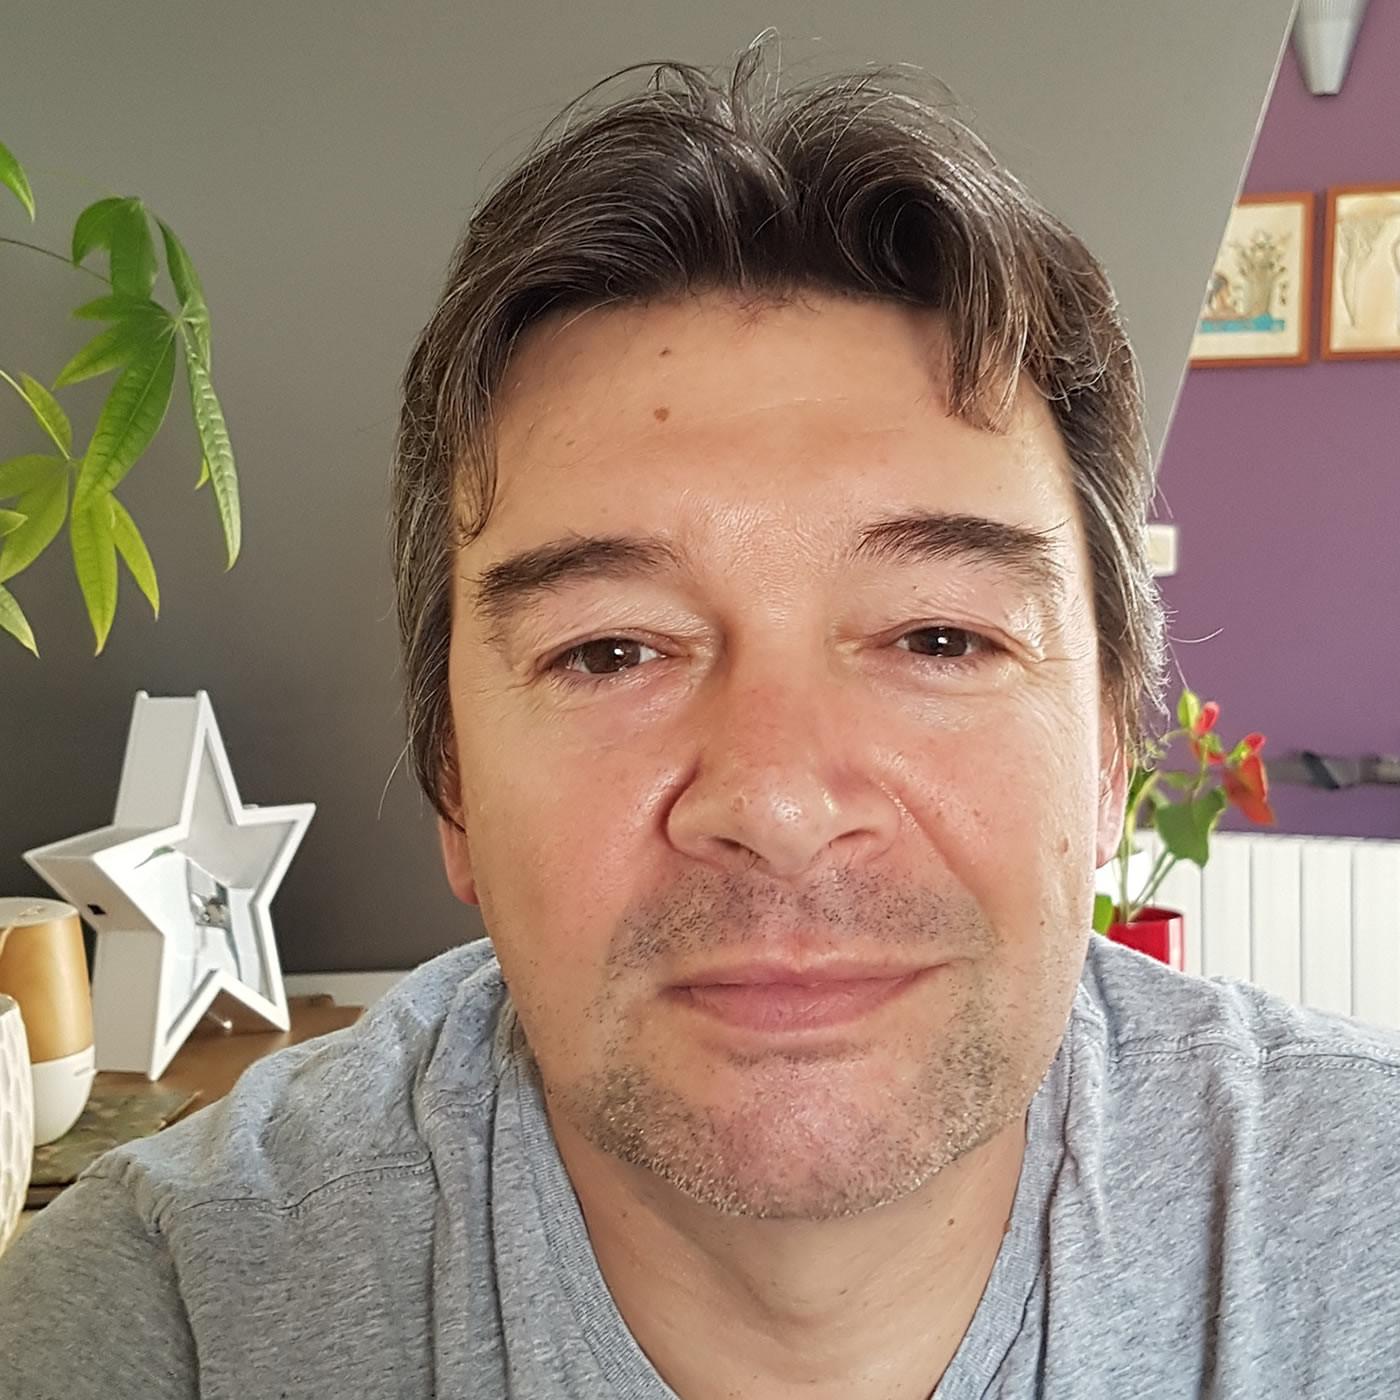 #27 - Eric Dirigeant d'une société de vente de consommables pour les imprimantes